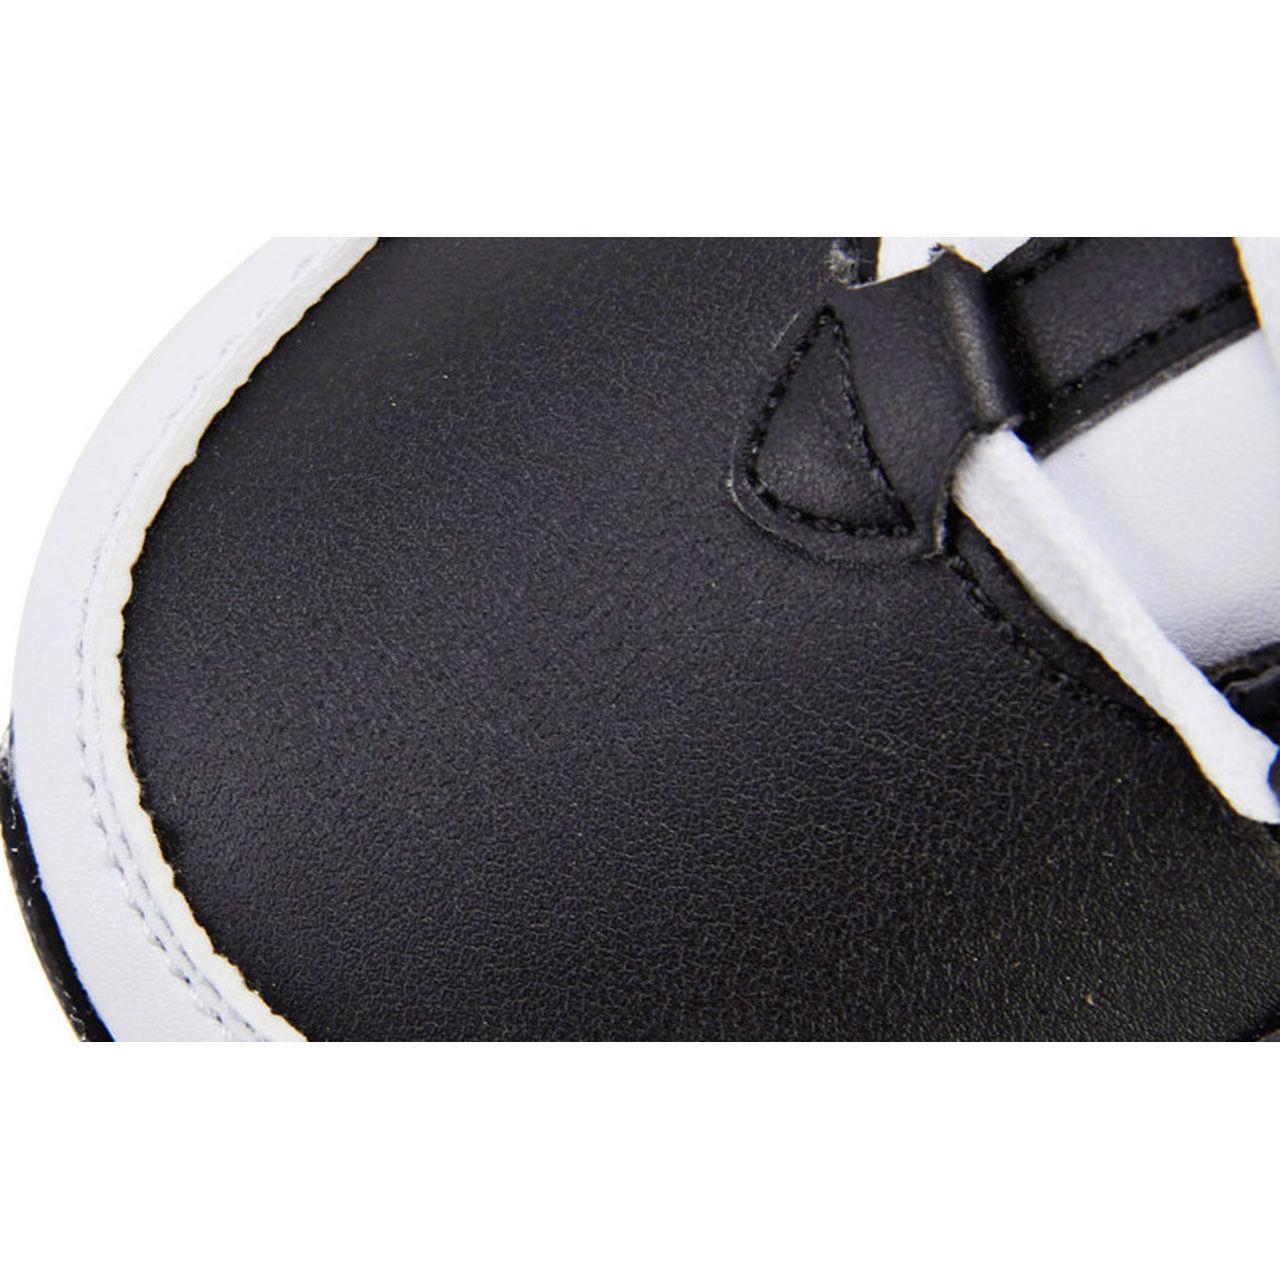 کفش مخصوص دویدن زنانه 361 درجه کد 581842257 -  - 6